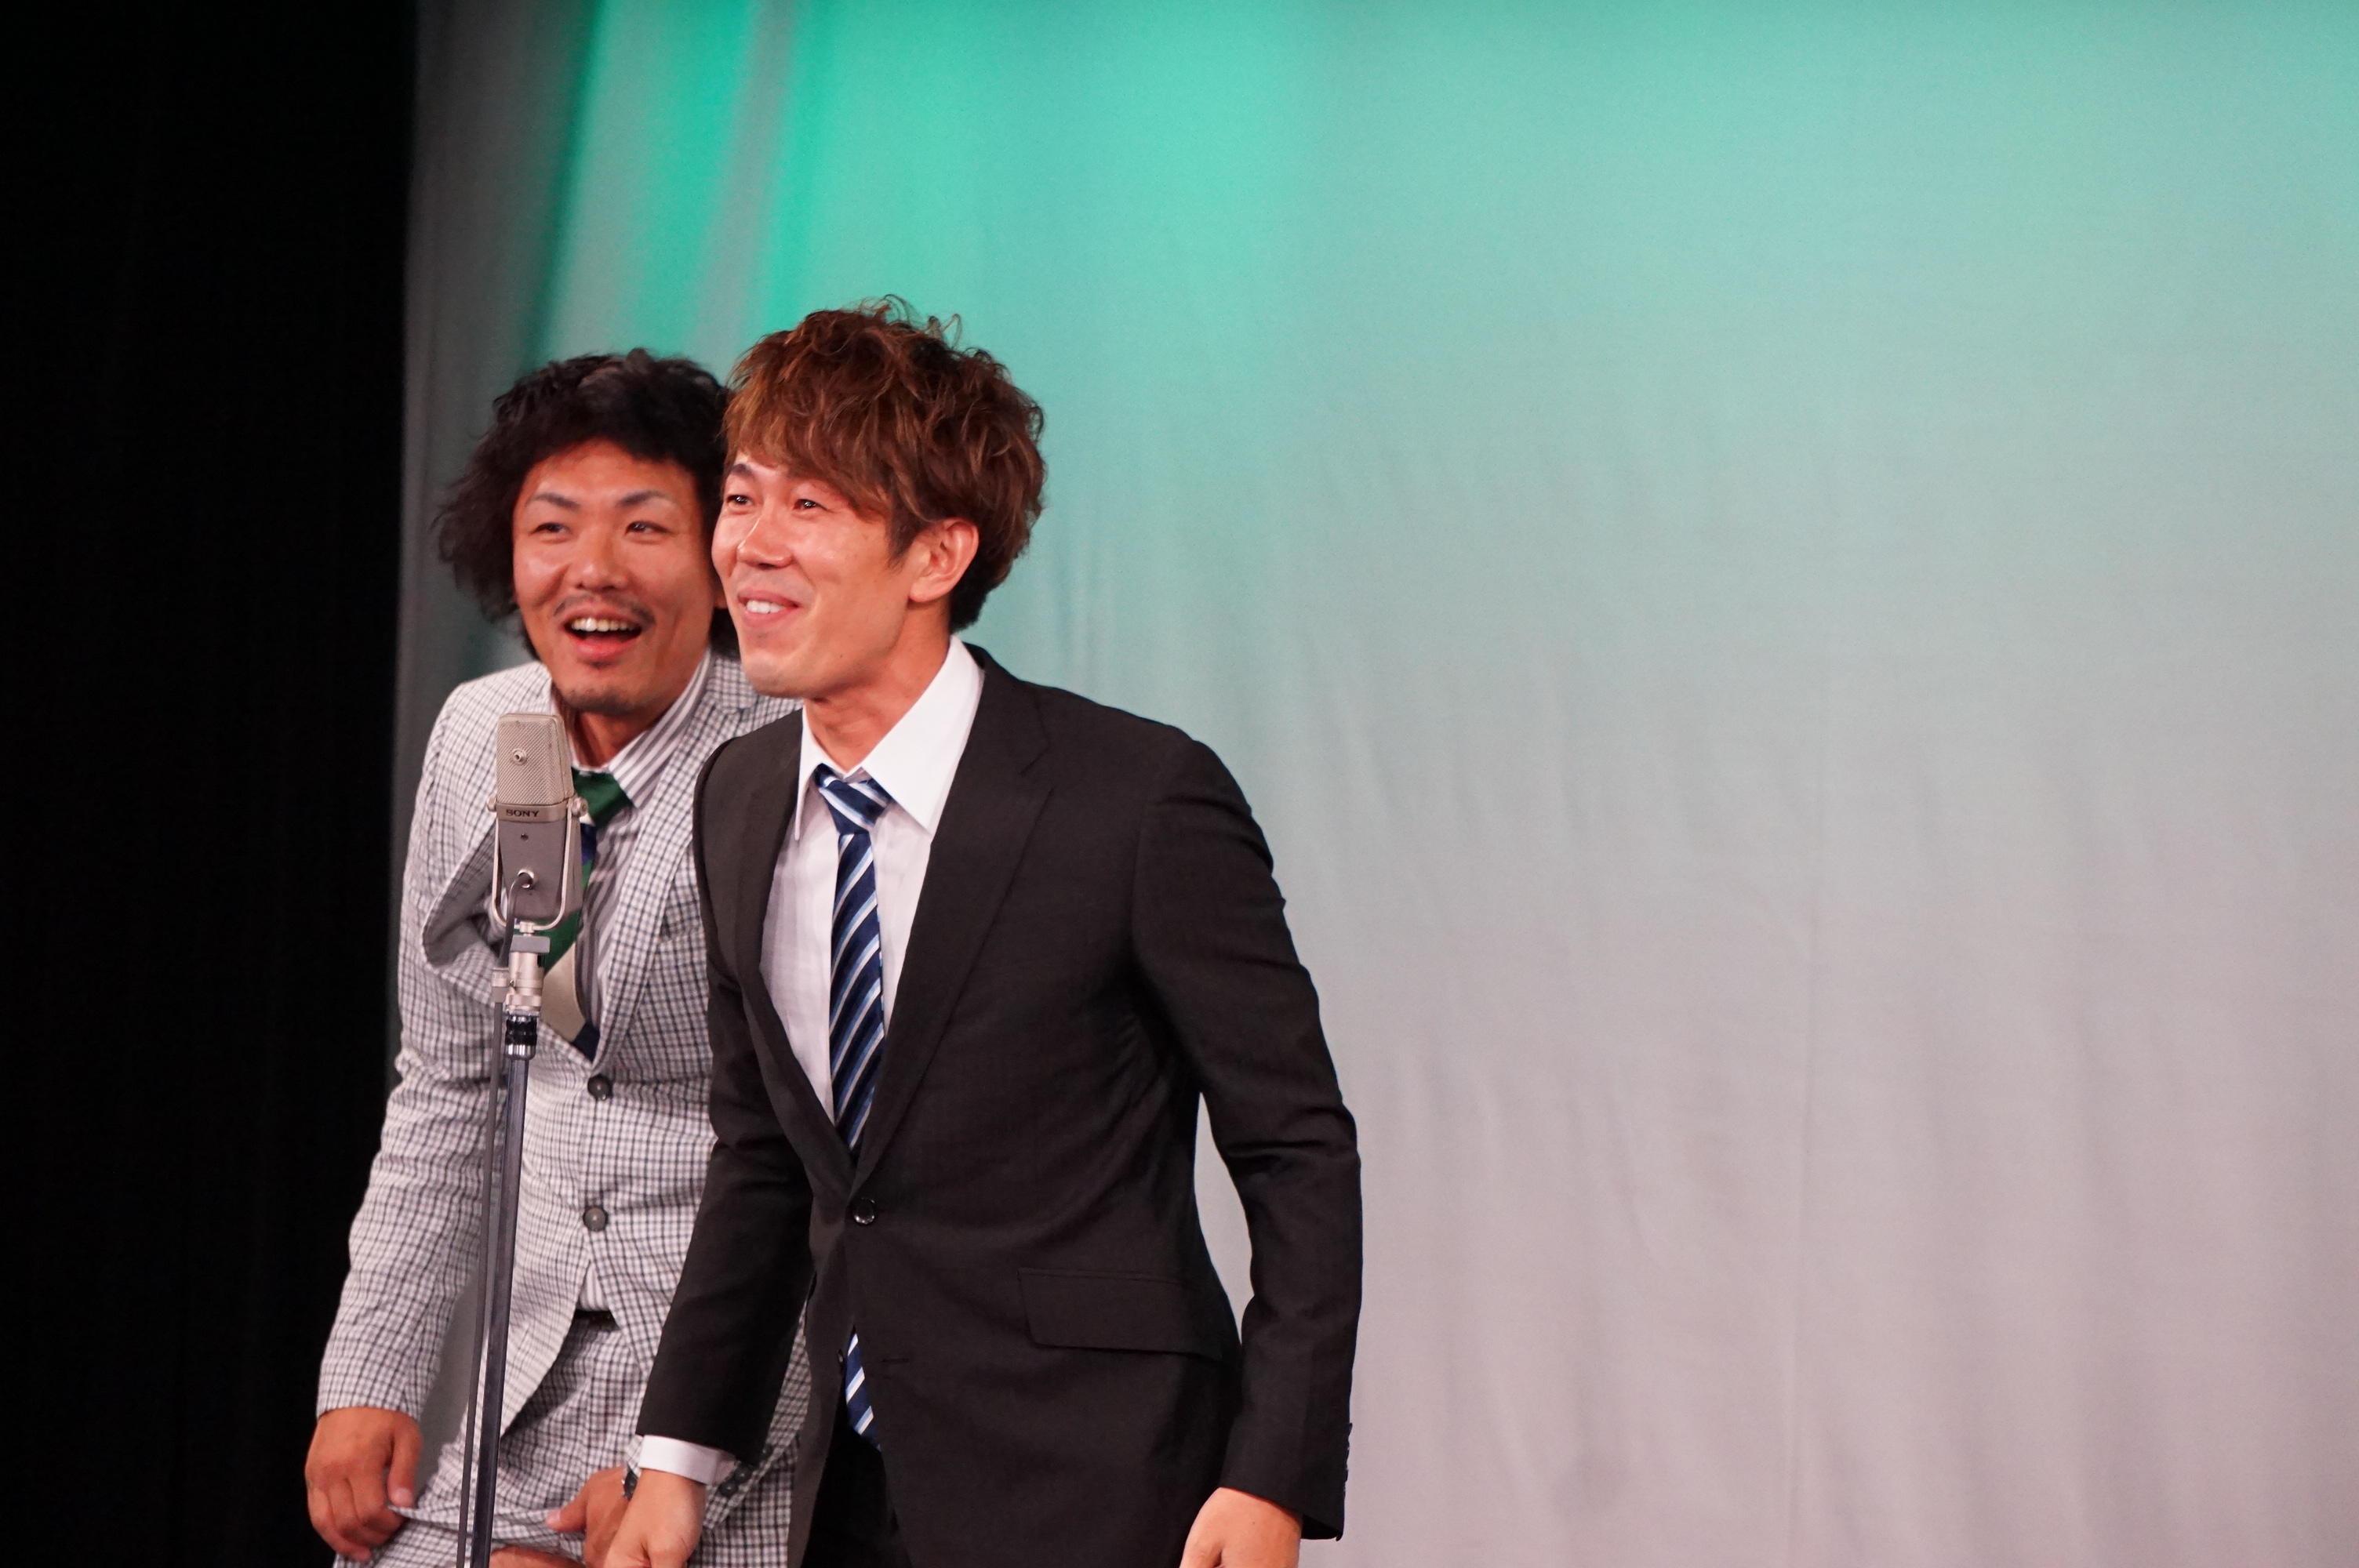 http://news.yoshimoto.co.jp/20160930203034-2071af2d2fbdab6b3ed347cca21a974f37475679.jpg